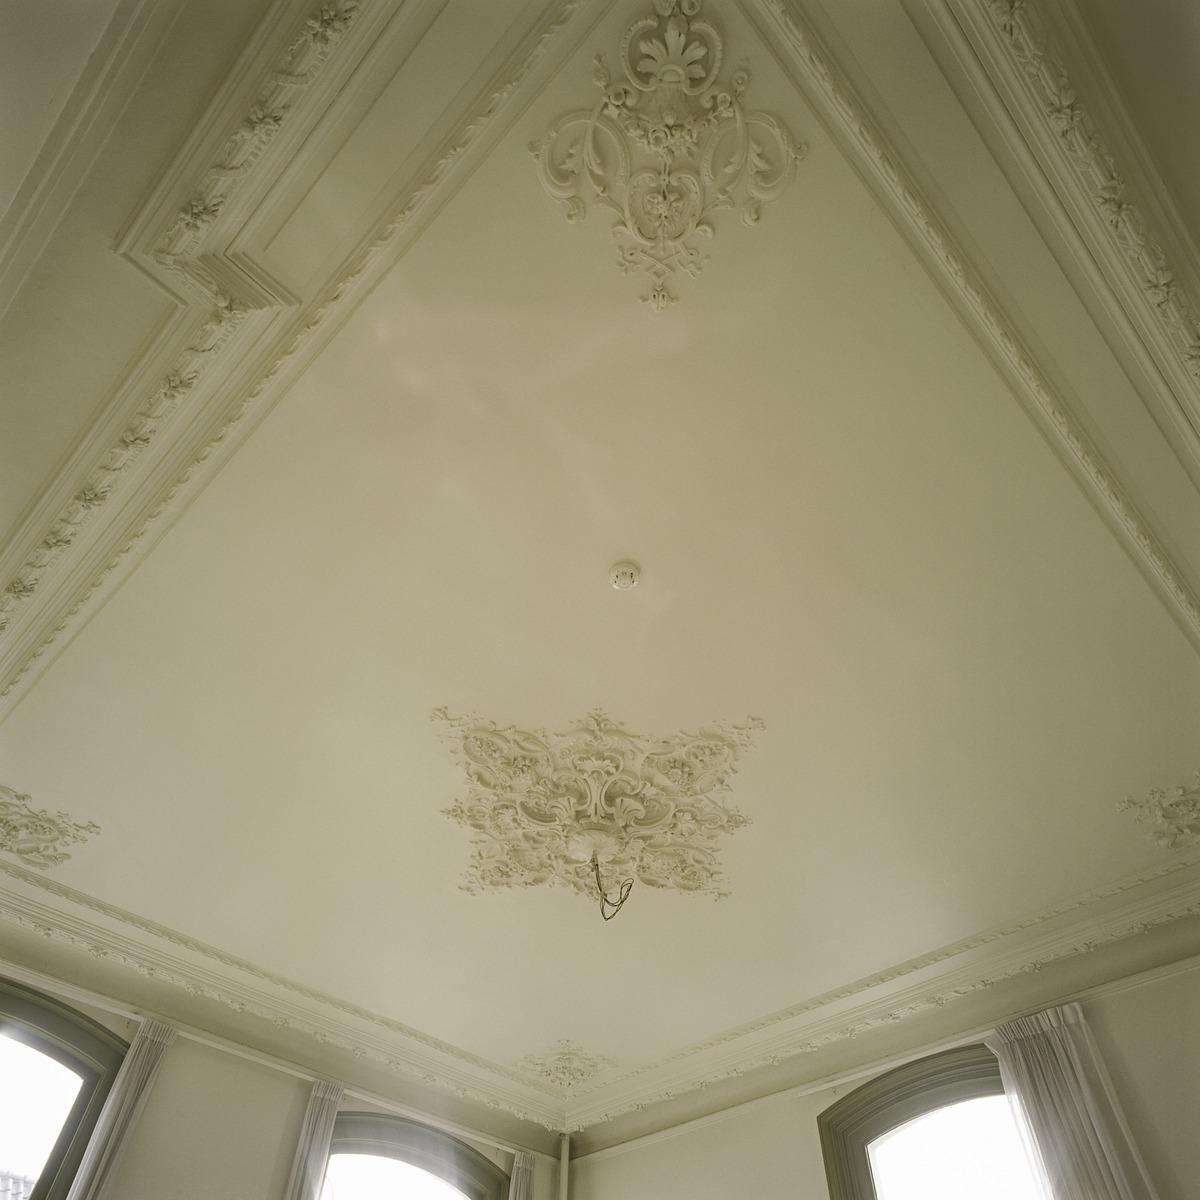 file interieur overzicht van het stucplafond met. Black Bedroom Furniture Sets. Home Design Ideas